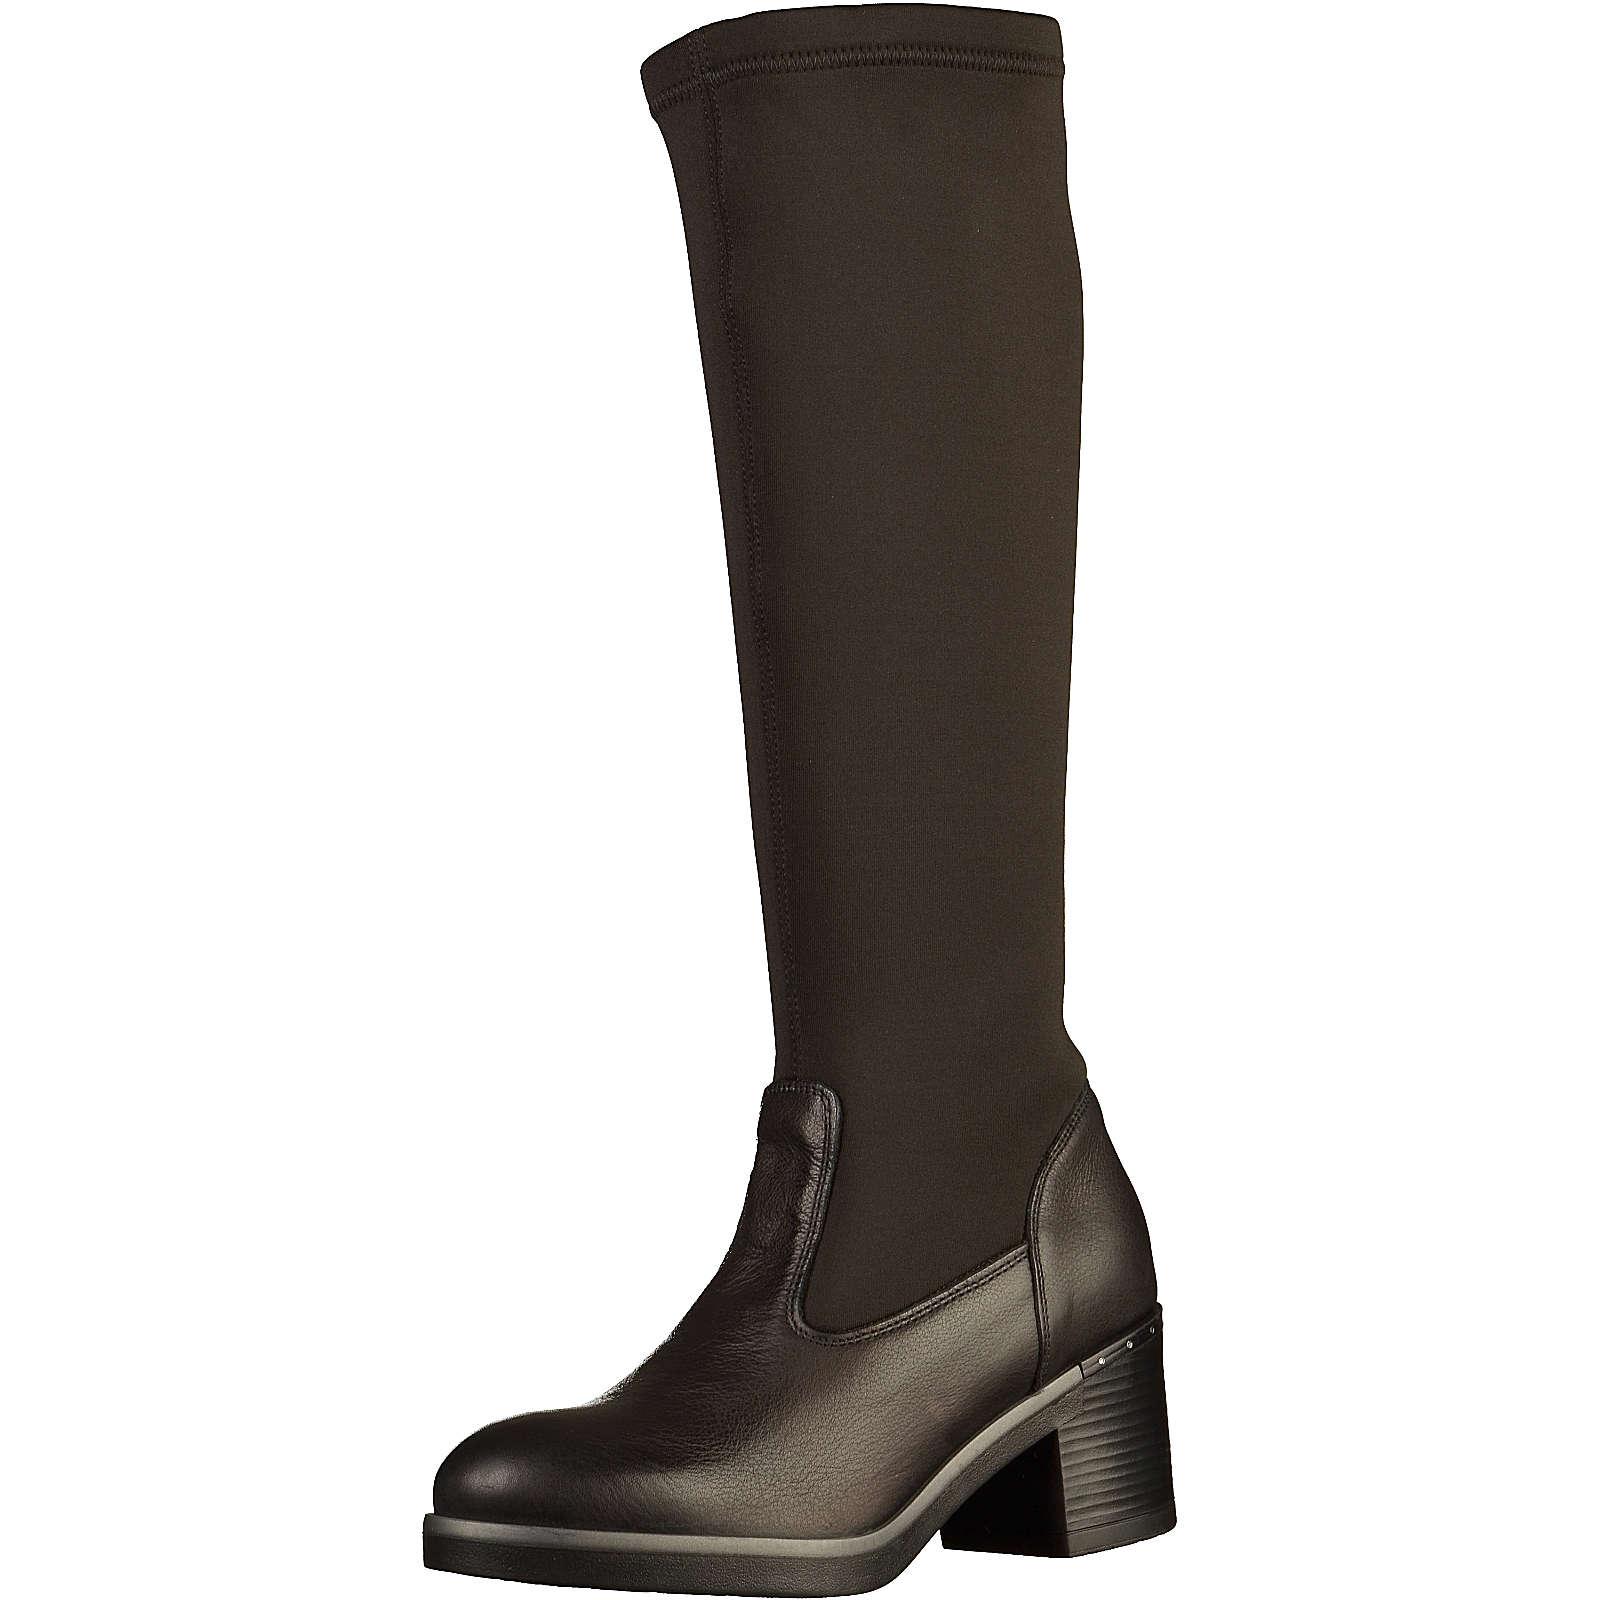 IGI & CO Stiefel Klassische Stiefel schwarz Damen Gr. 39